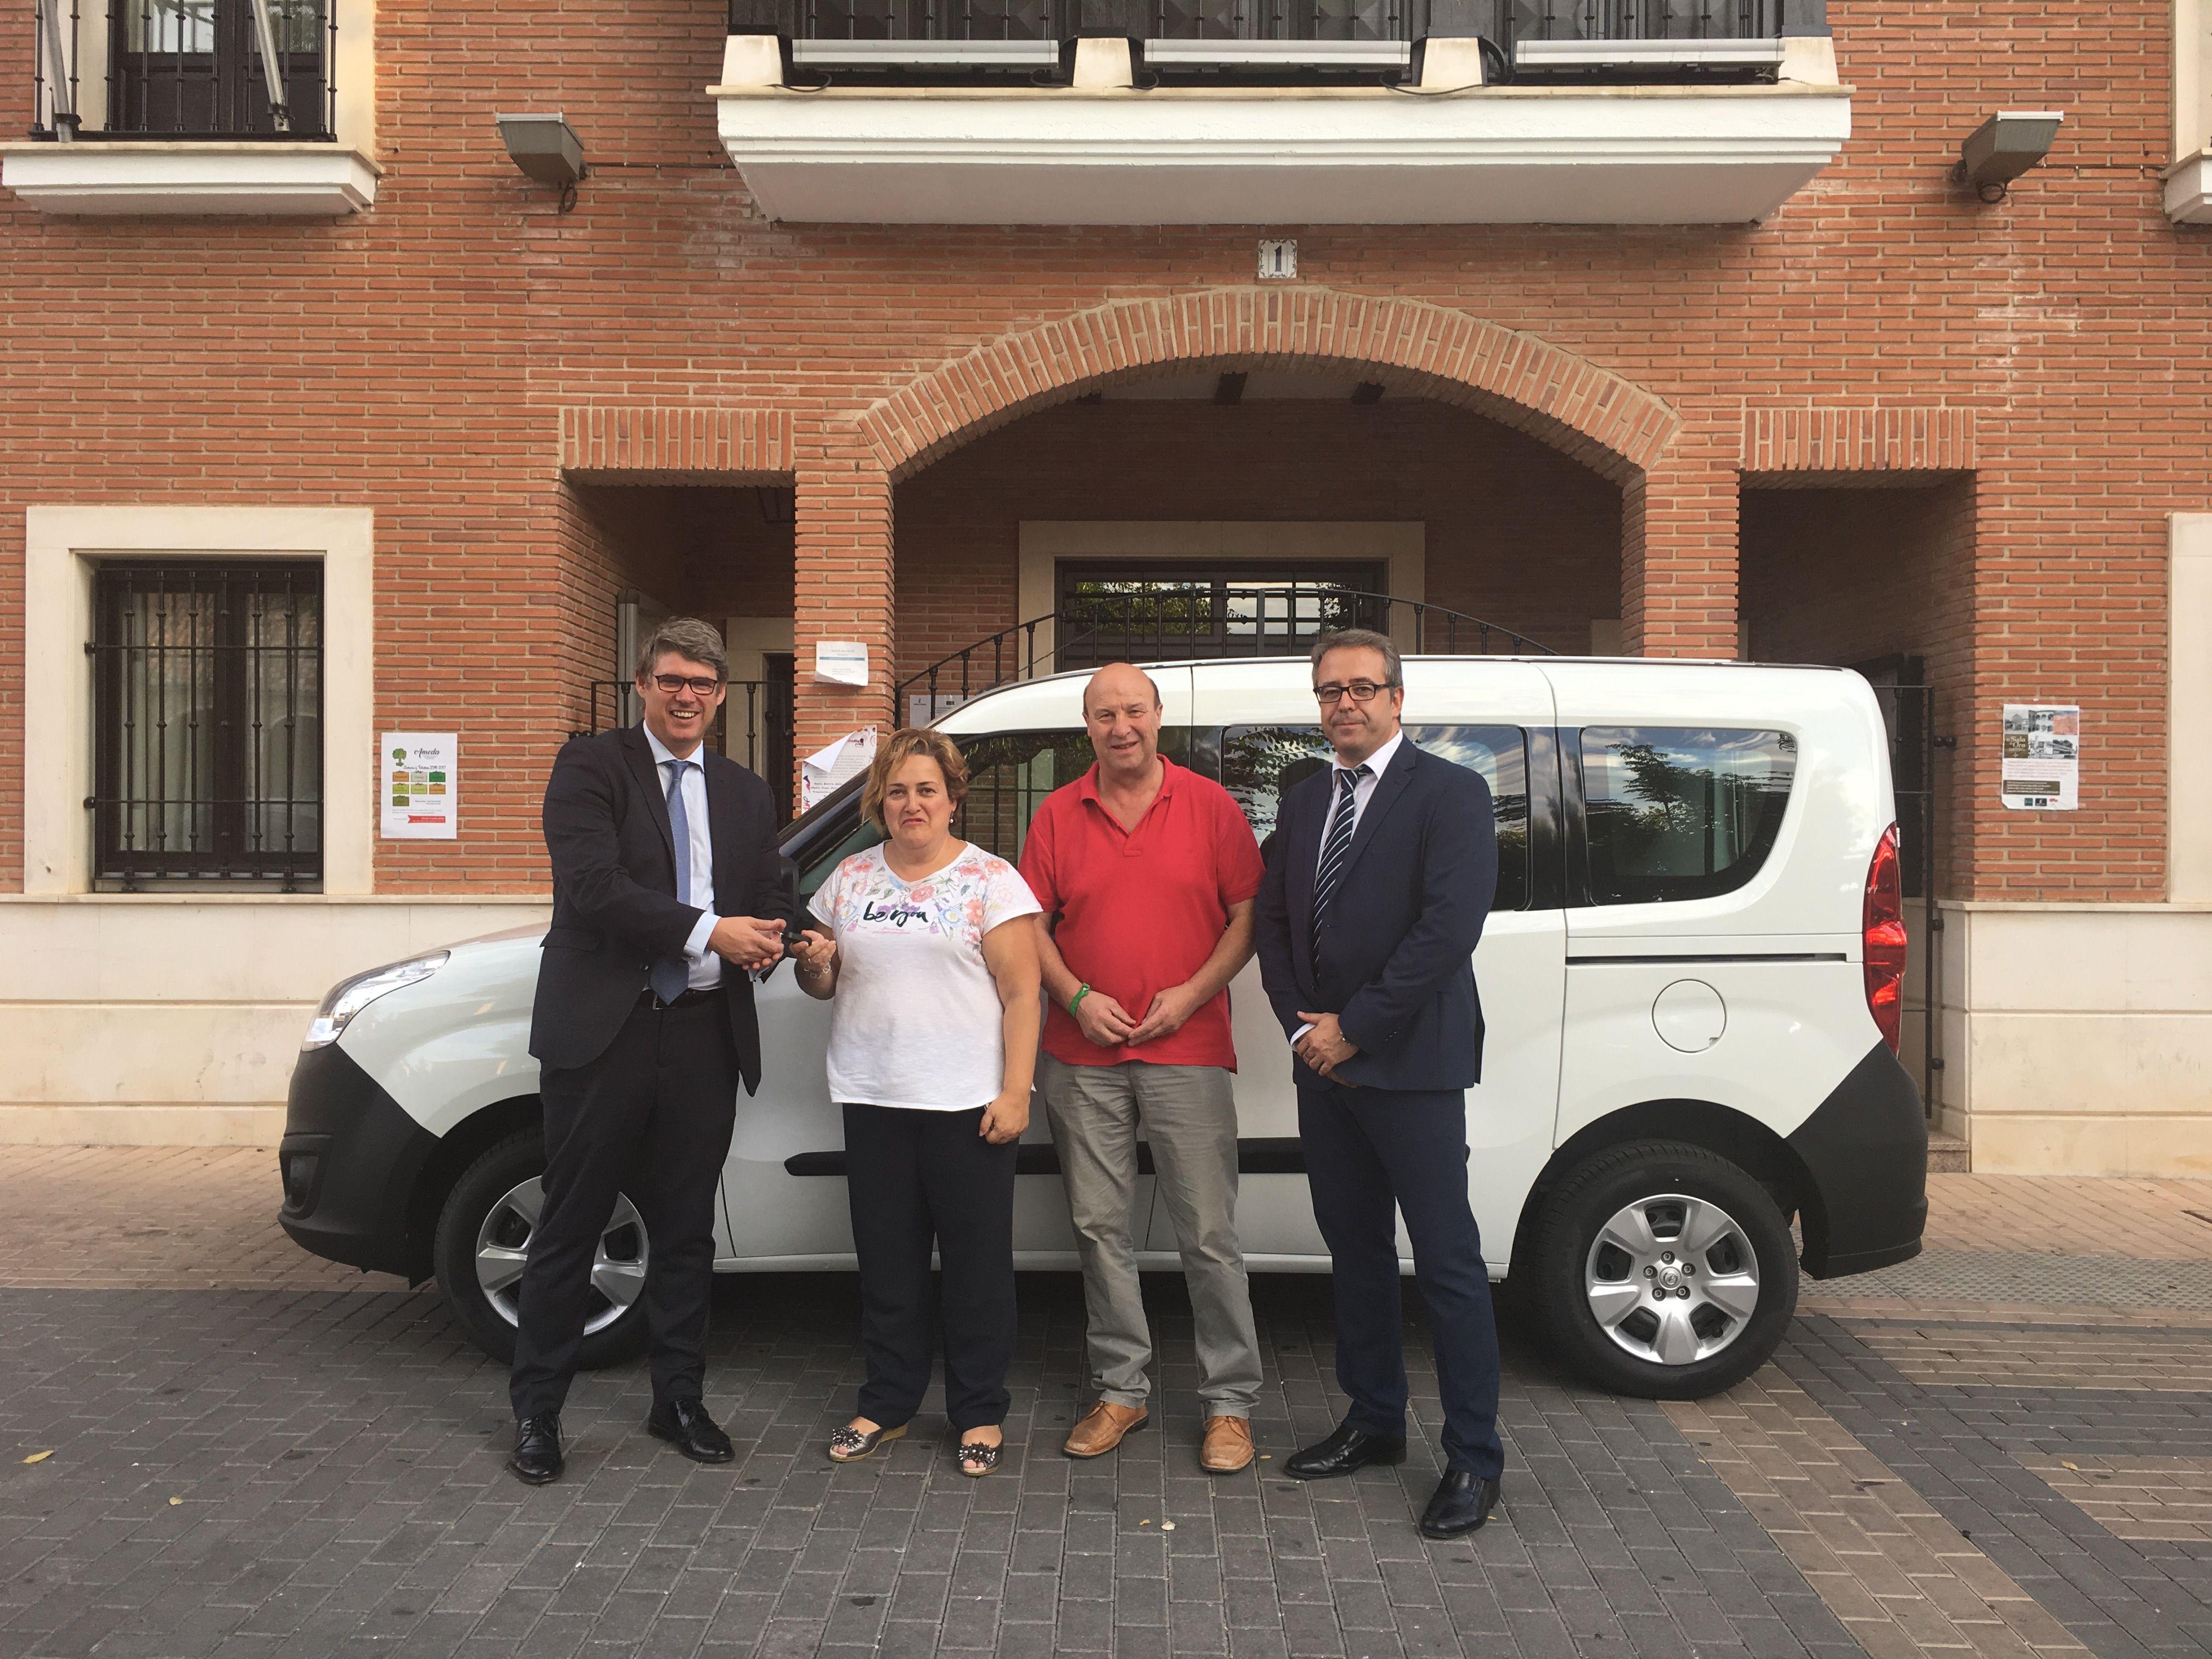 Acai Motor entrega al Ayuntamiento de Alovera una Opel Combo Tour.